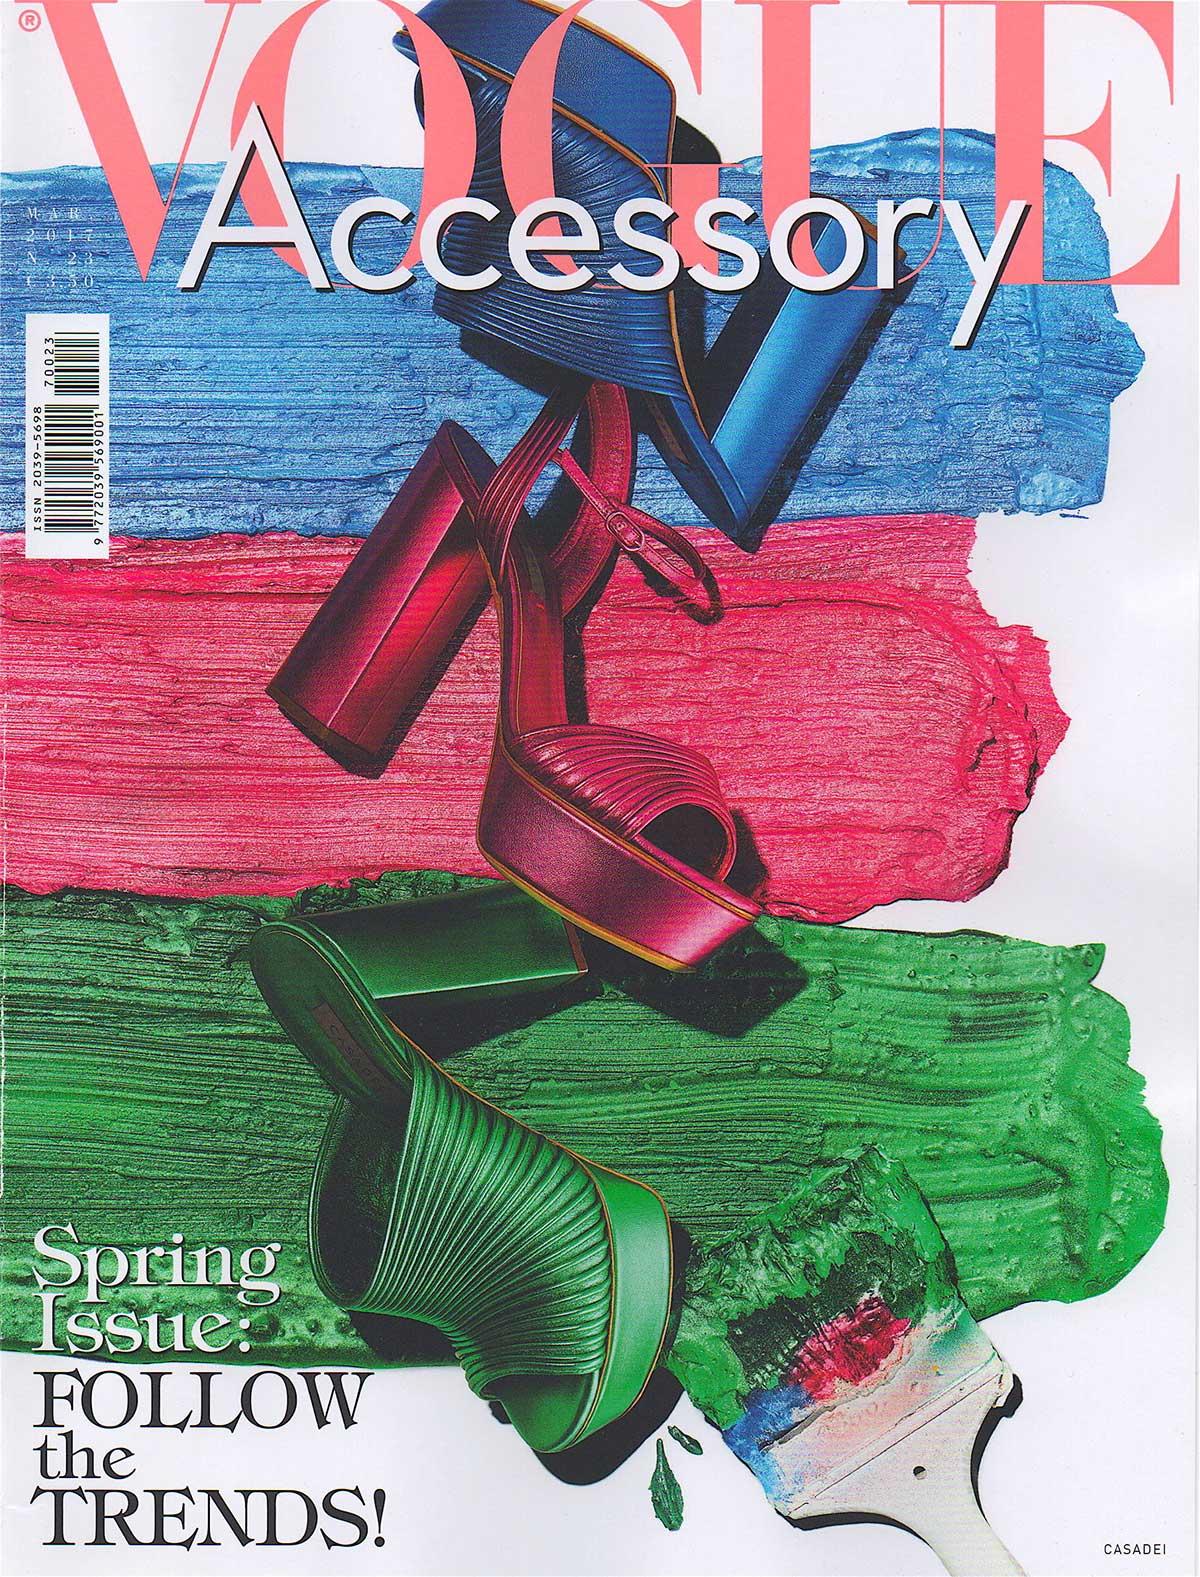 Vogue Accessory marzo 2017